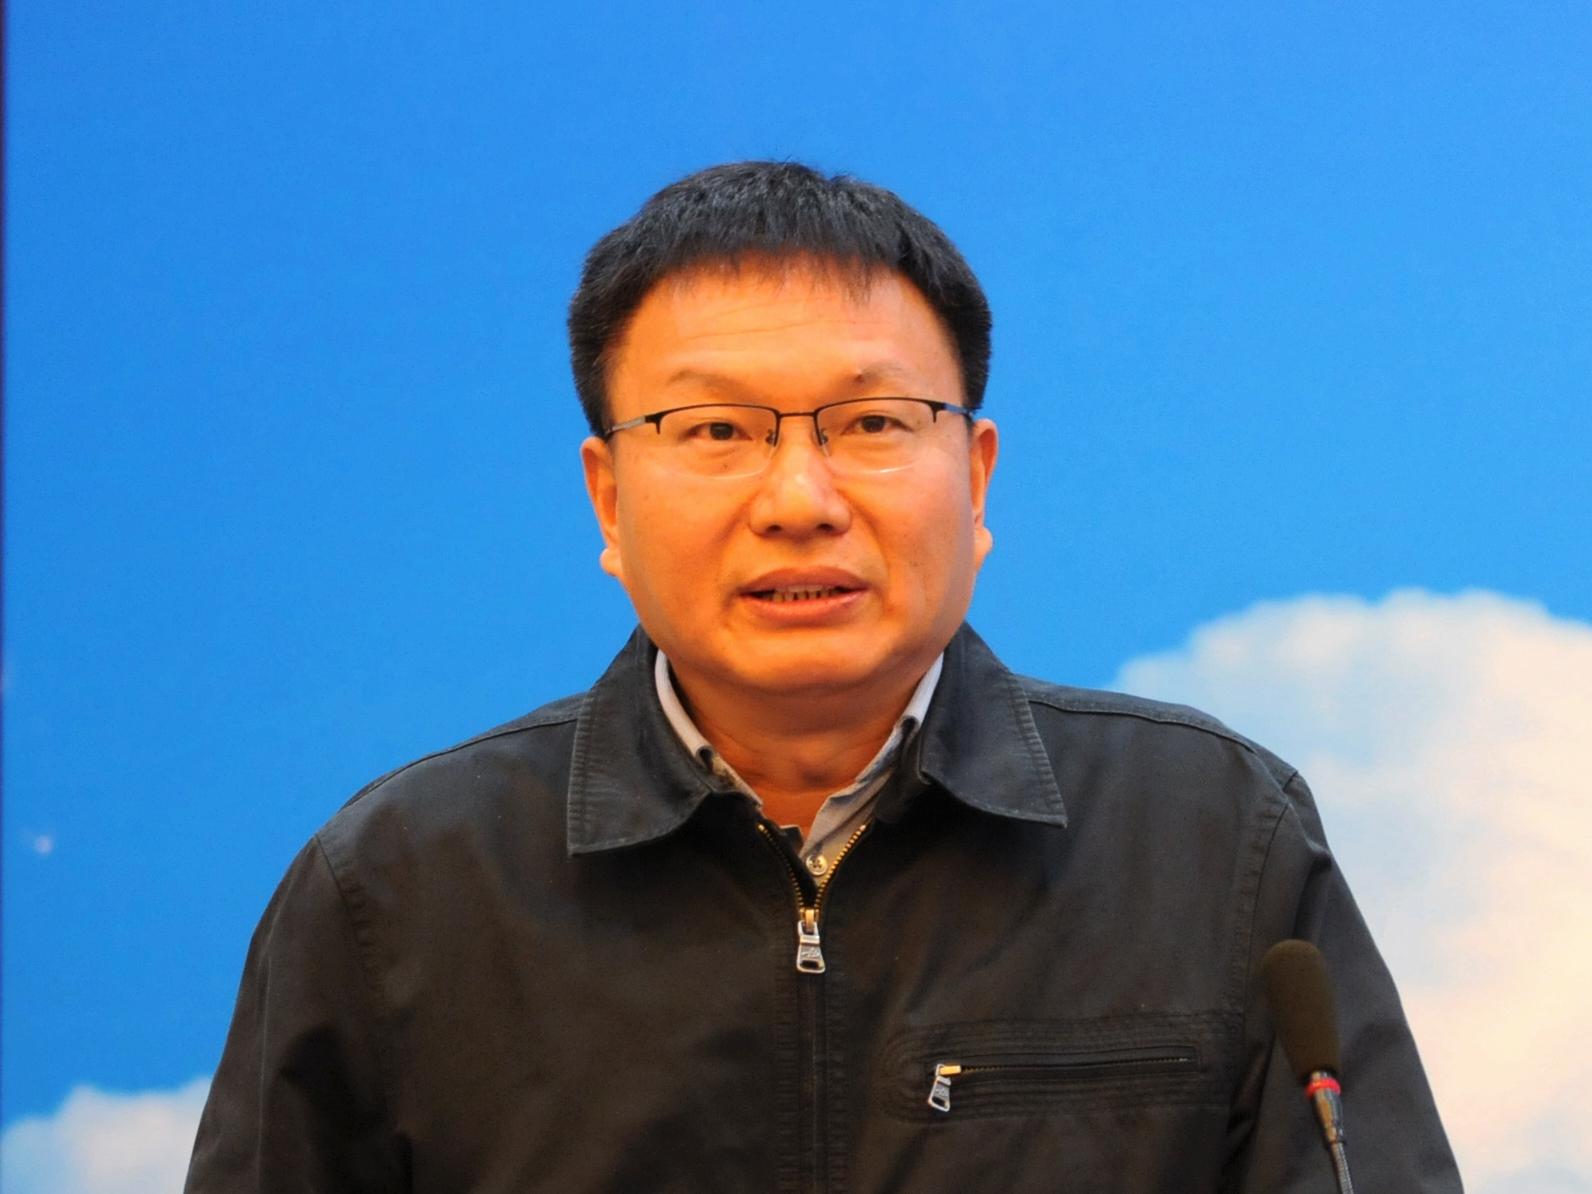 王承哲:学习习近平网络意识形态思想 牢牢掌握意识形态工作领导权